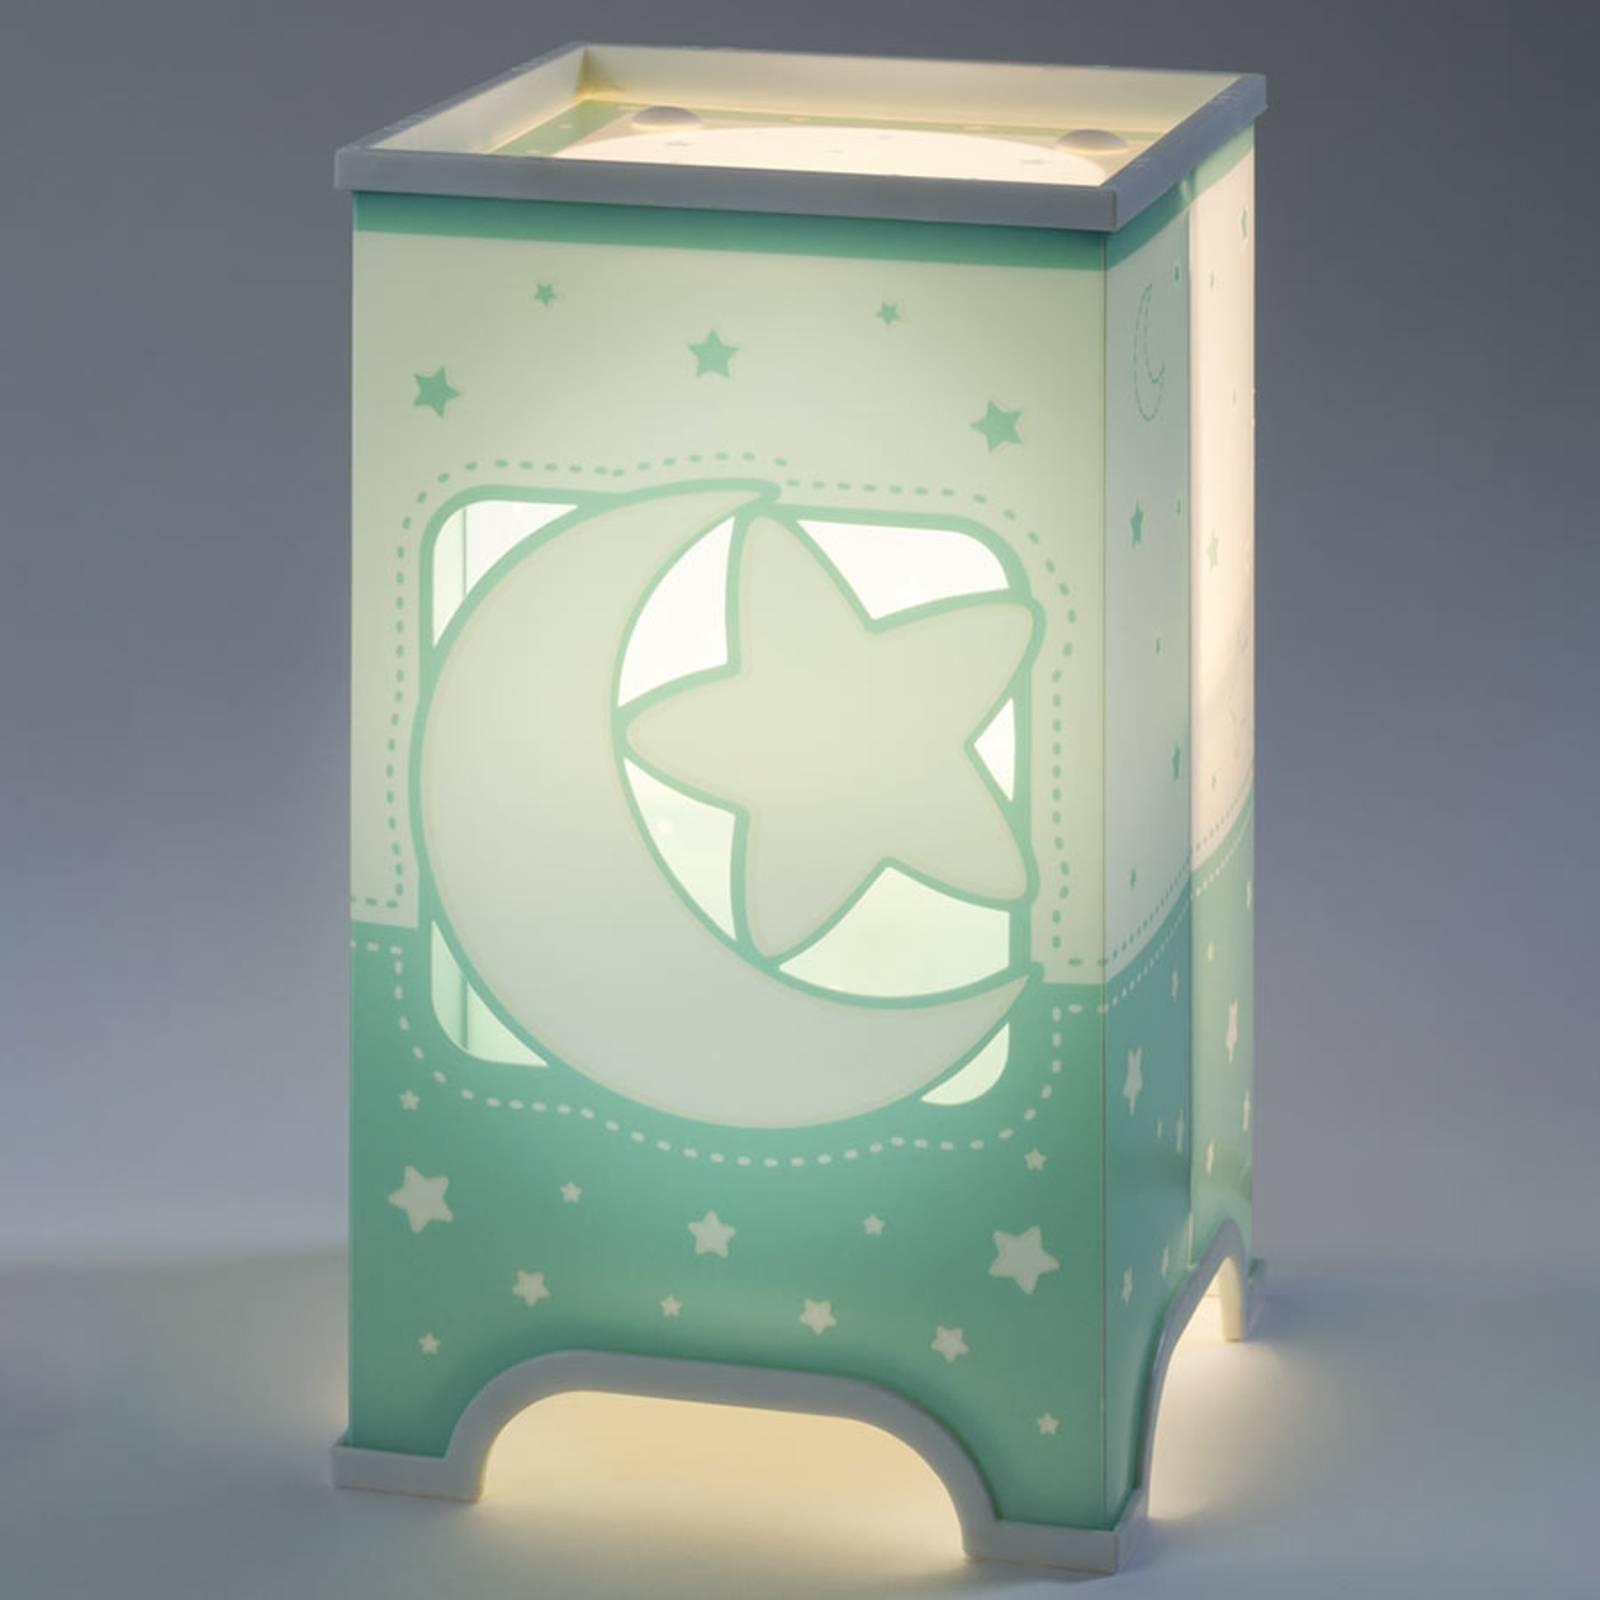 Mintunvihreä LED-pöytälamppu Yötaivas